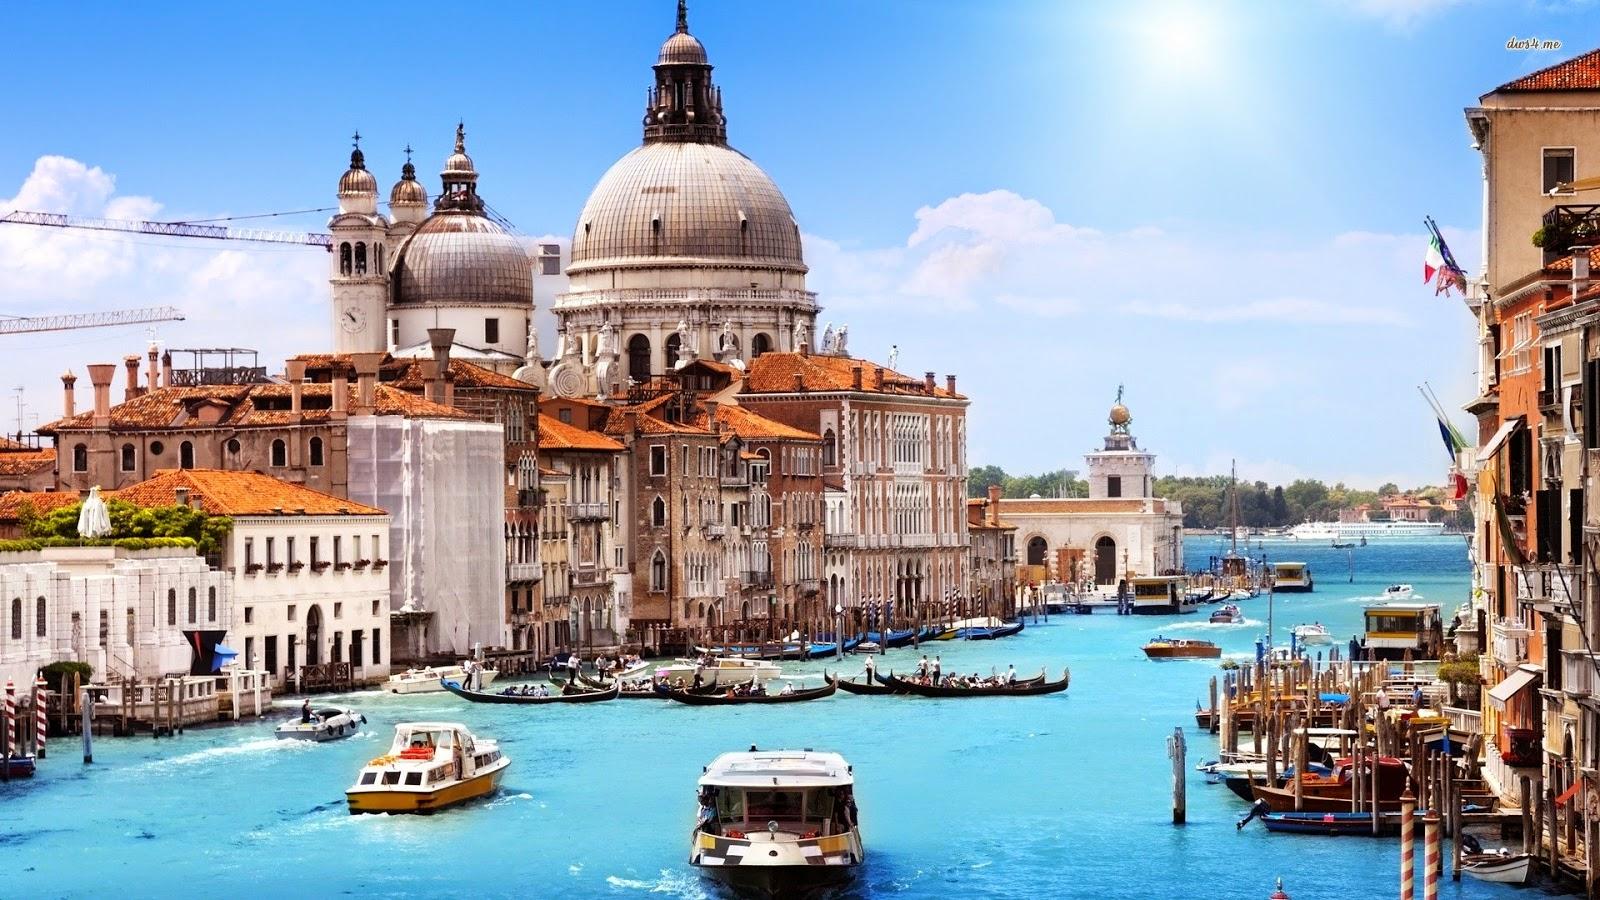 Venice High Resolution HD Wallpaper Desktopjpg 1600x900